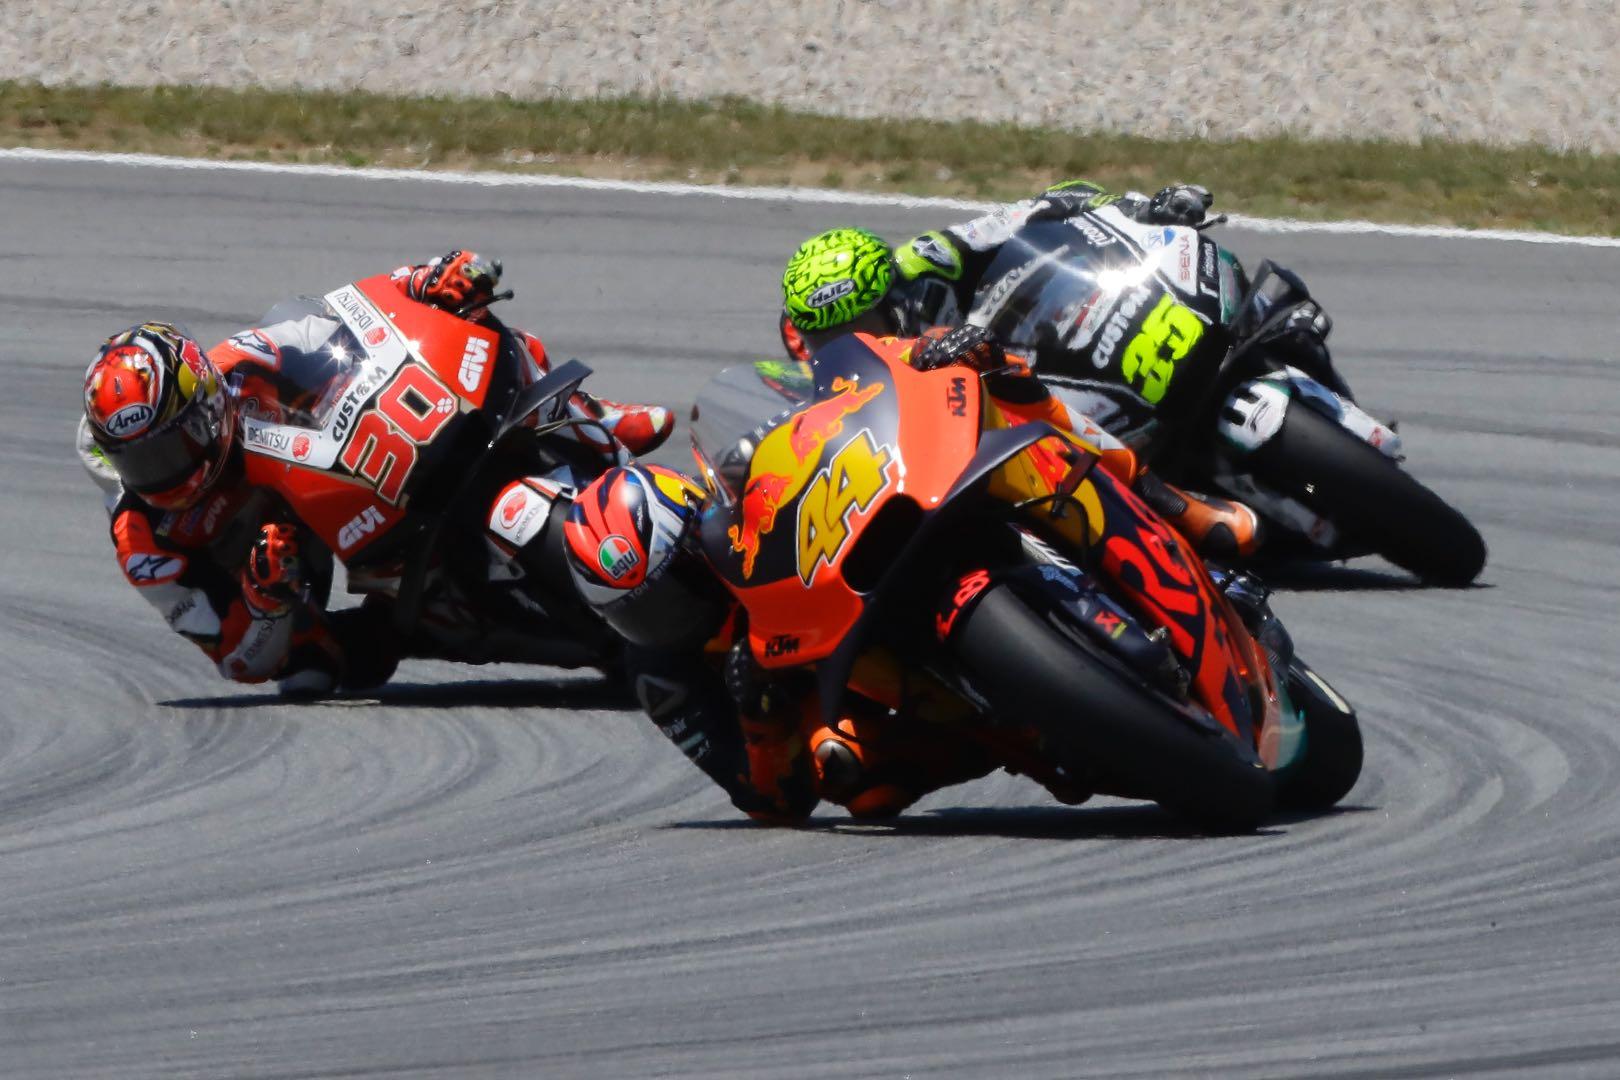 KTM's Pol Espargaro at Catalan MotoGP